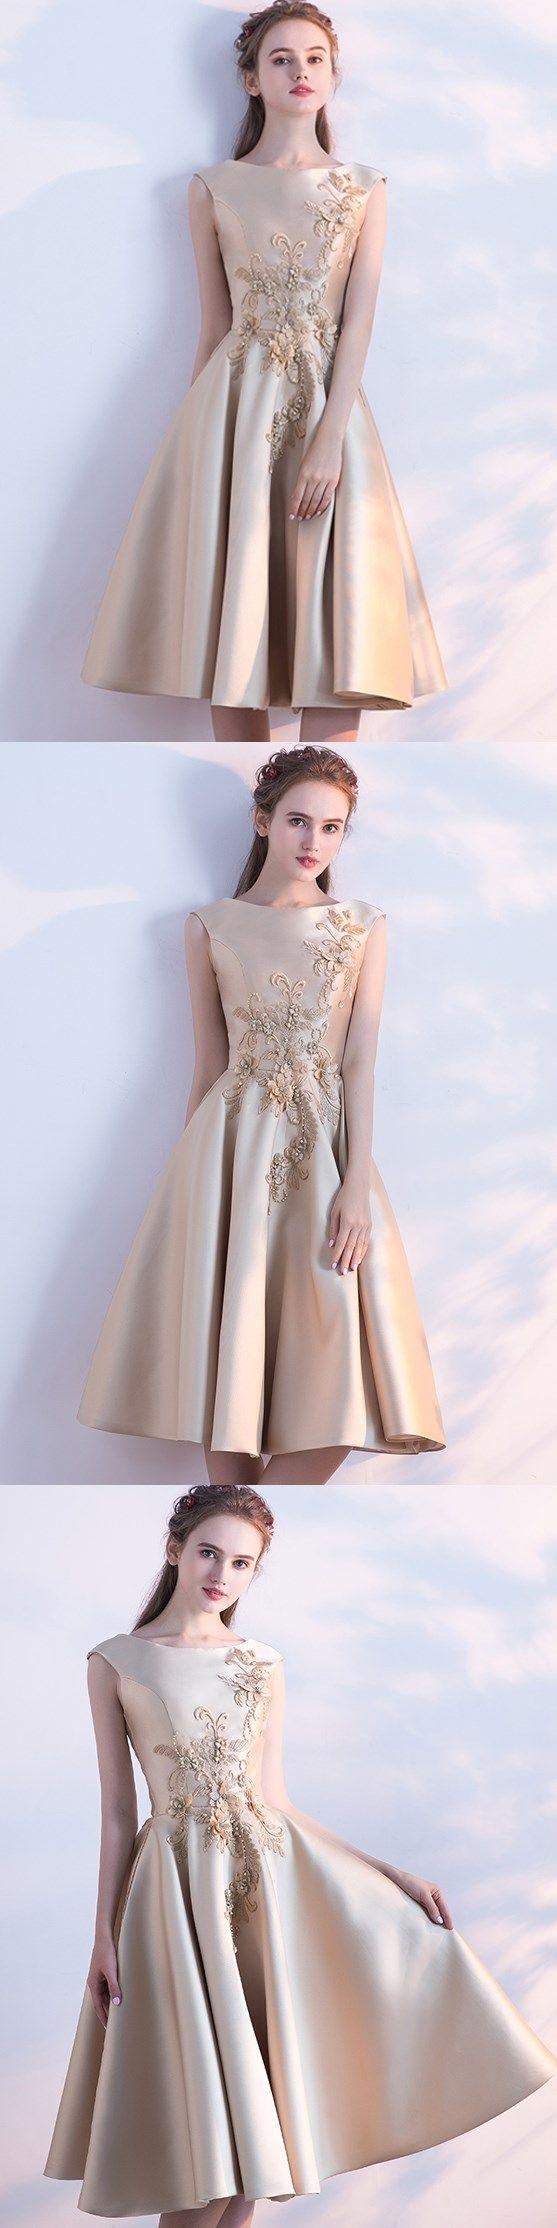 20 Schön Schöne Kleider Kaufen Stylish13 Kreativ Schöne Kleider Kaufen Galerie